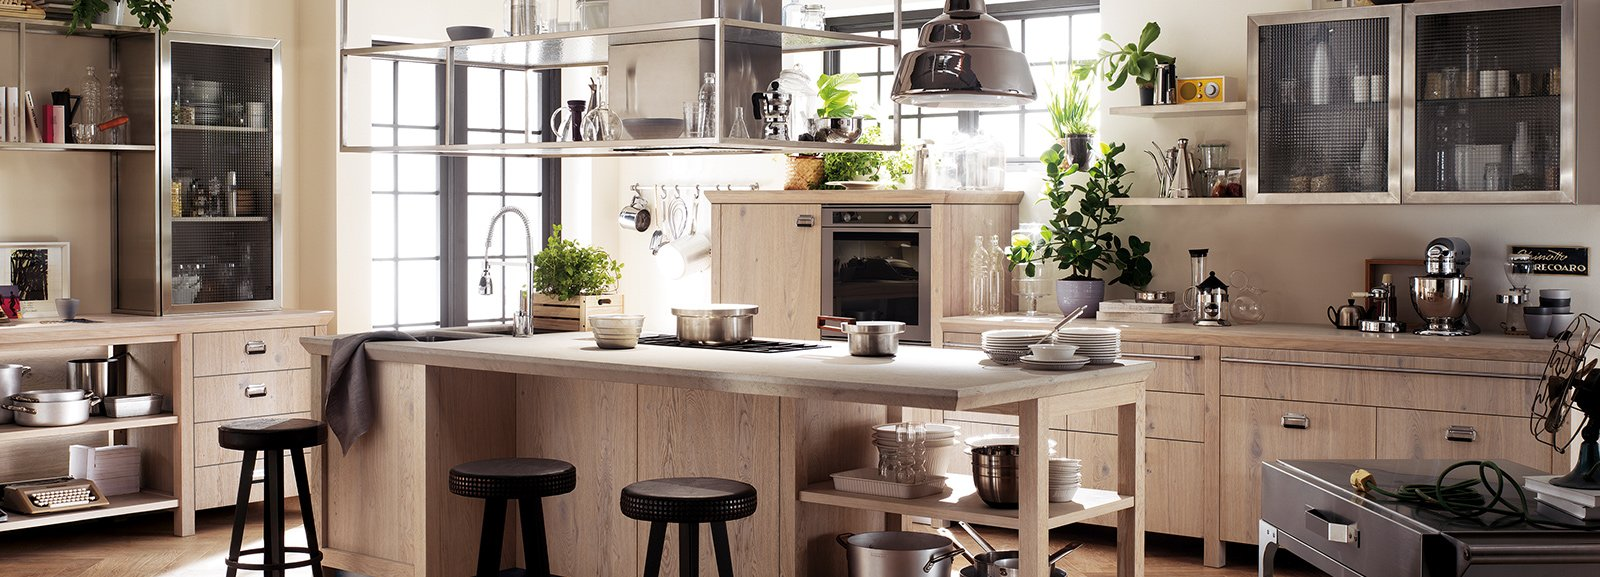 Cucine Scavolini In Legno : Cucine moderne in legno cose di casa